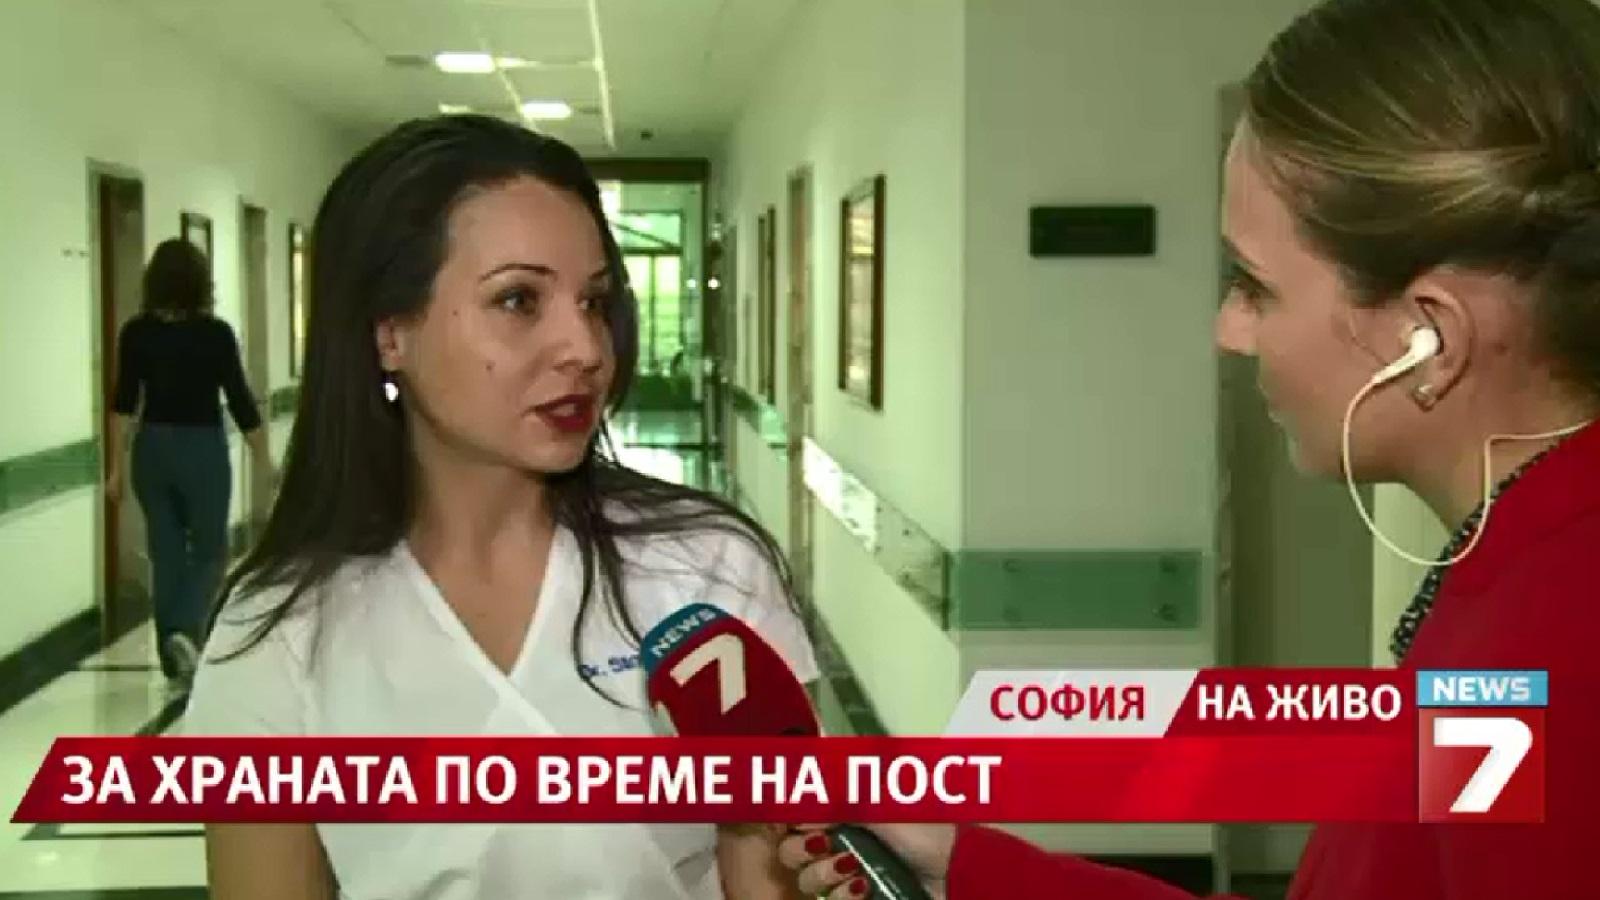 ТВ7 – За храната по време на коледните пости – 14.11.2014 г.